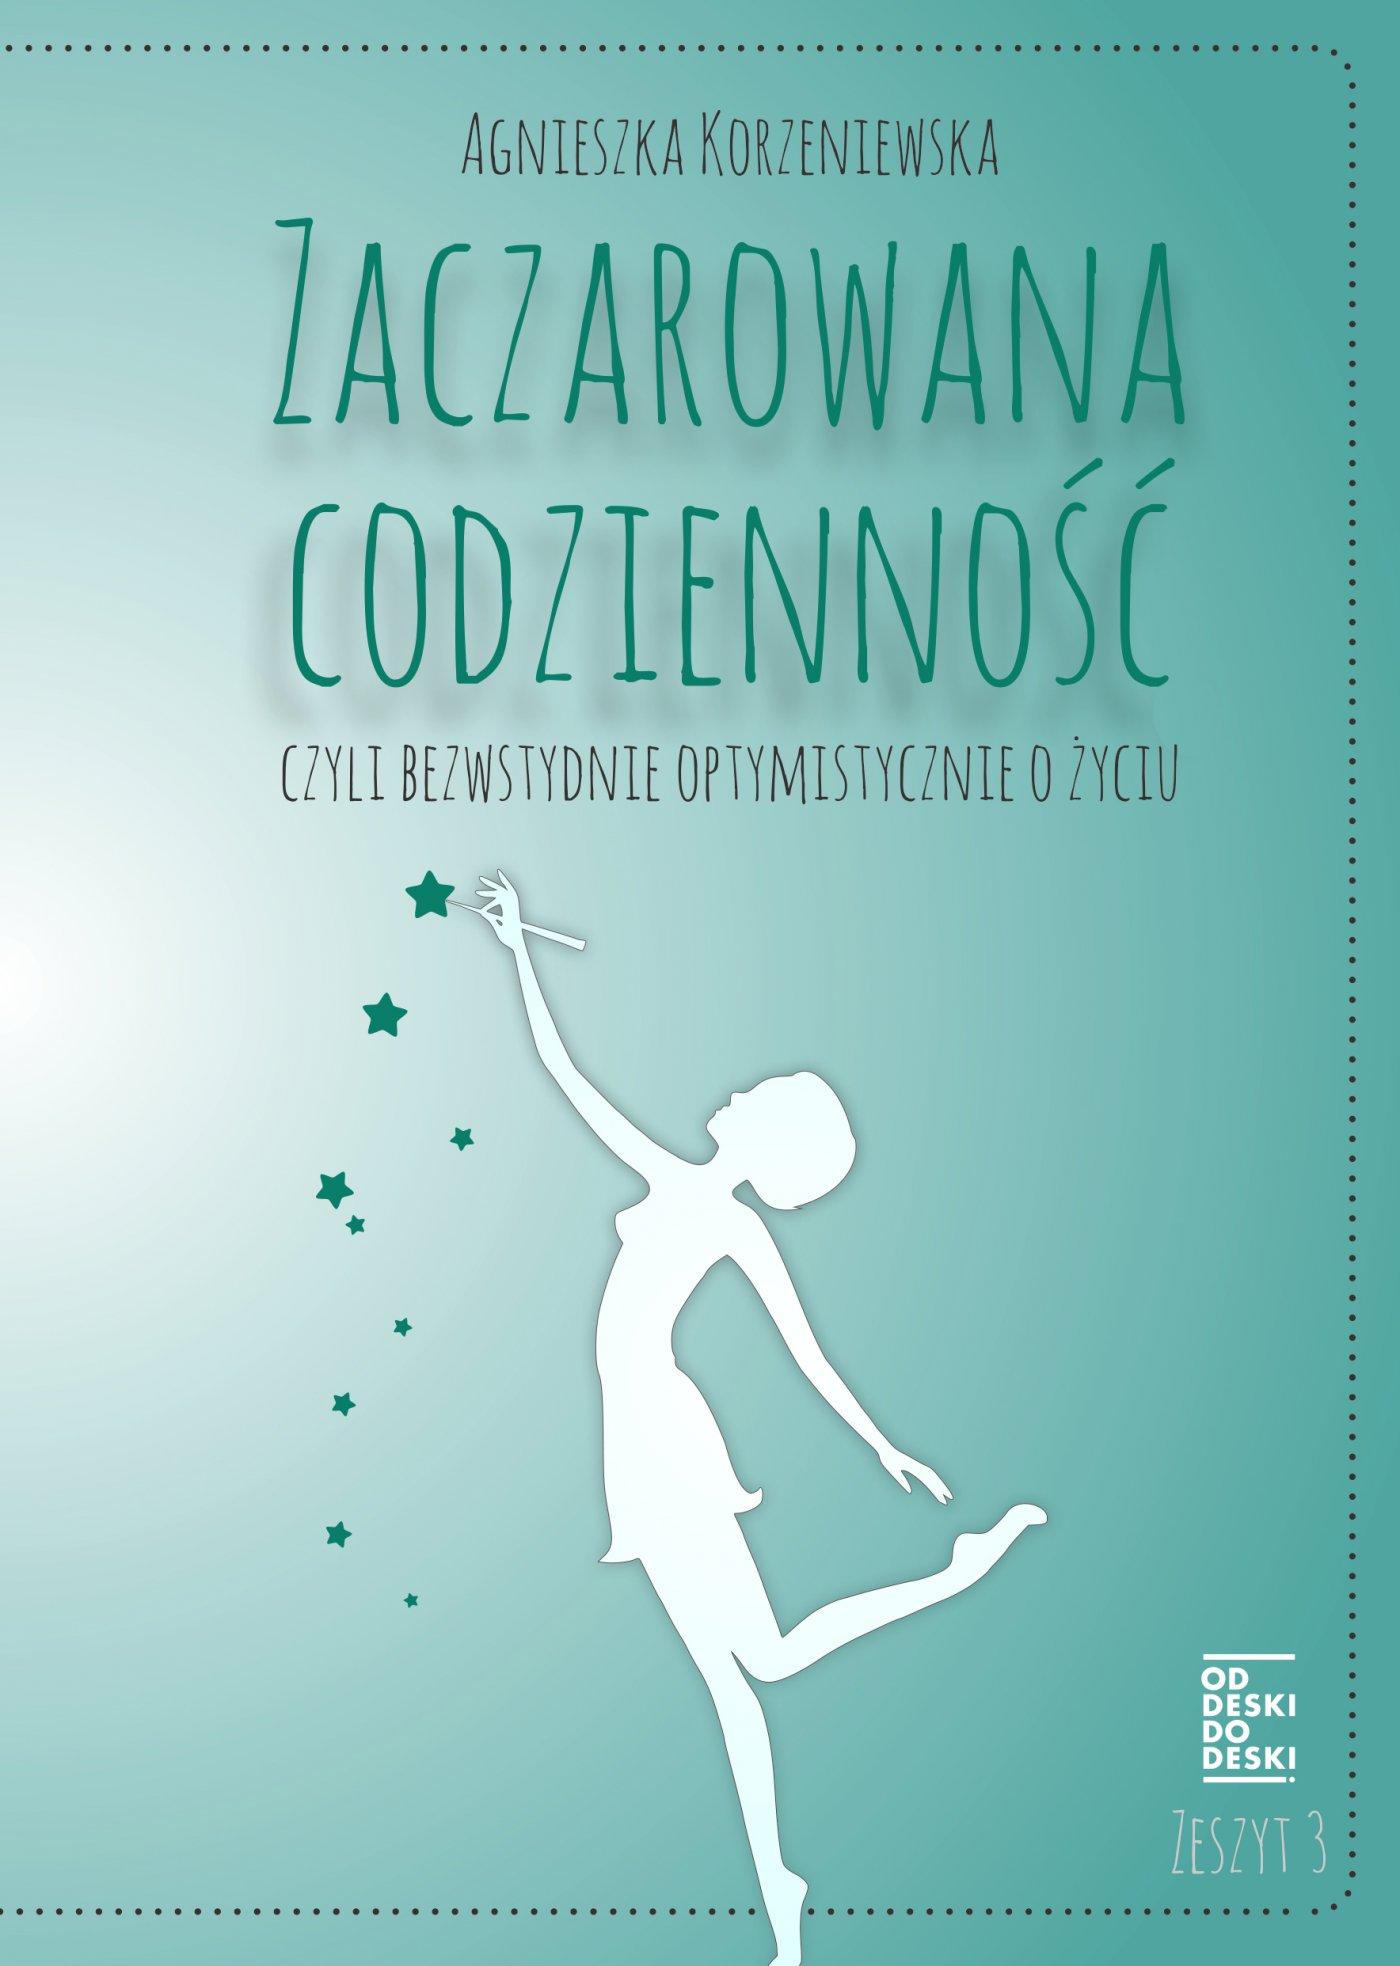 Zaczarowana codzienność, czyli bezwstydnie optymistycznie o życiu. Zeszyt 3 - Ebook (Książka na Kindle) do pobrania w formacie MOBI